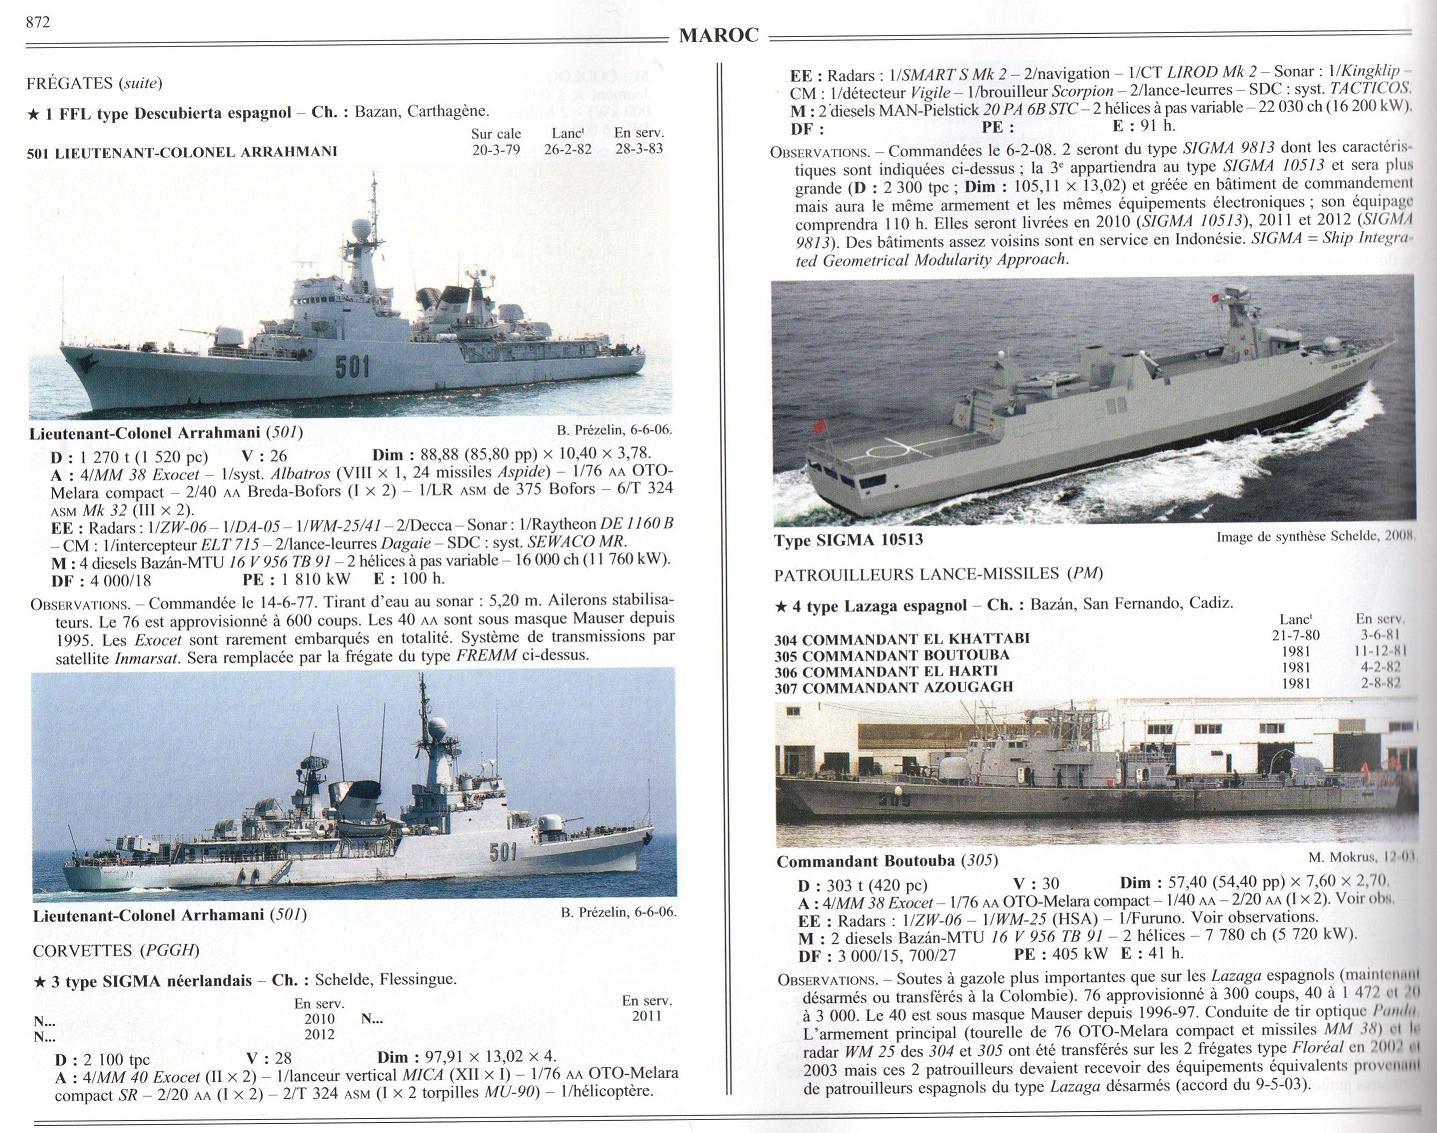 Articles à propos de la Marine Royale Marocaine 08-00210